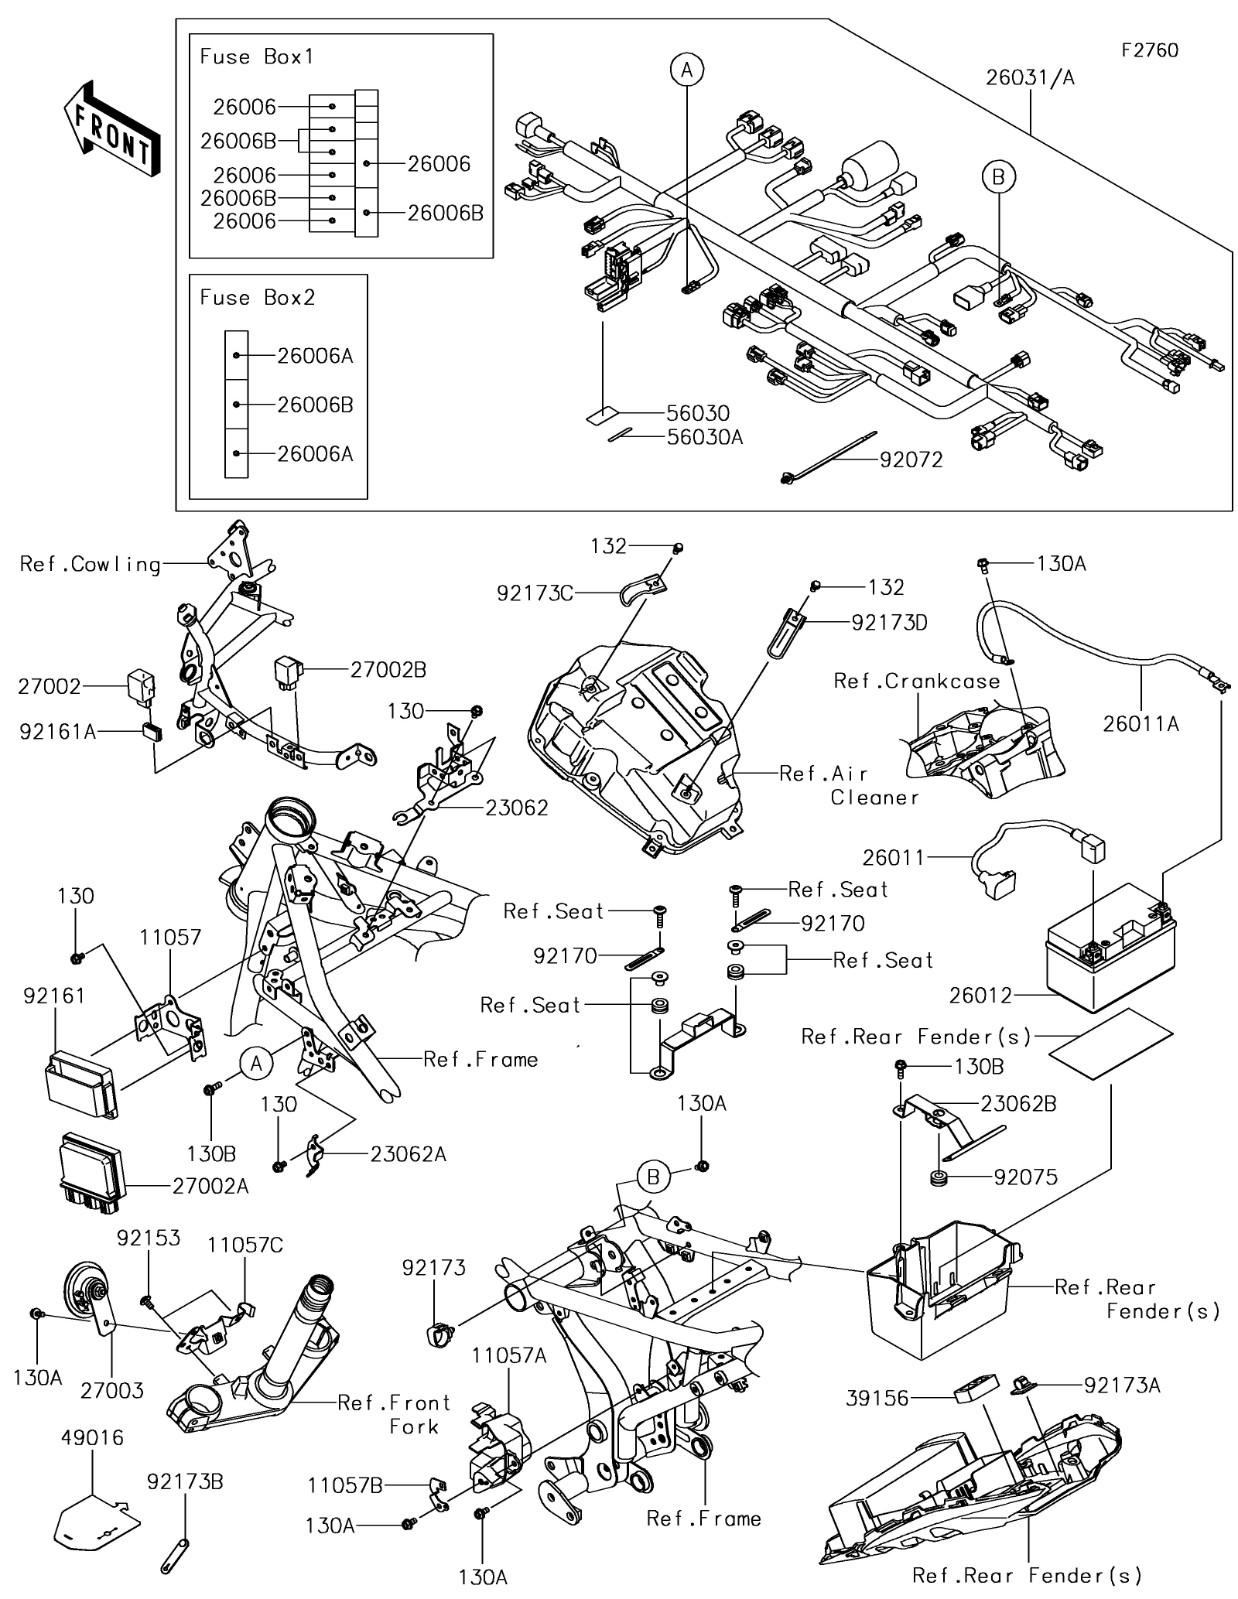 Chassis Electrical Equipment Ninja 650 2017 Parts Diagrams Kawasaki